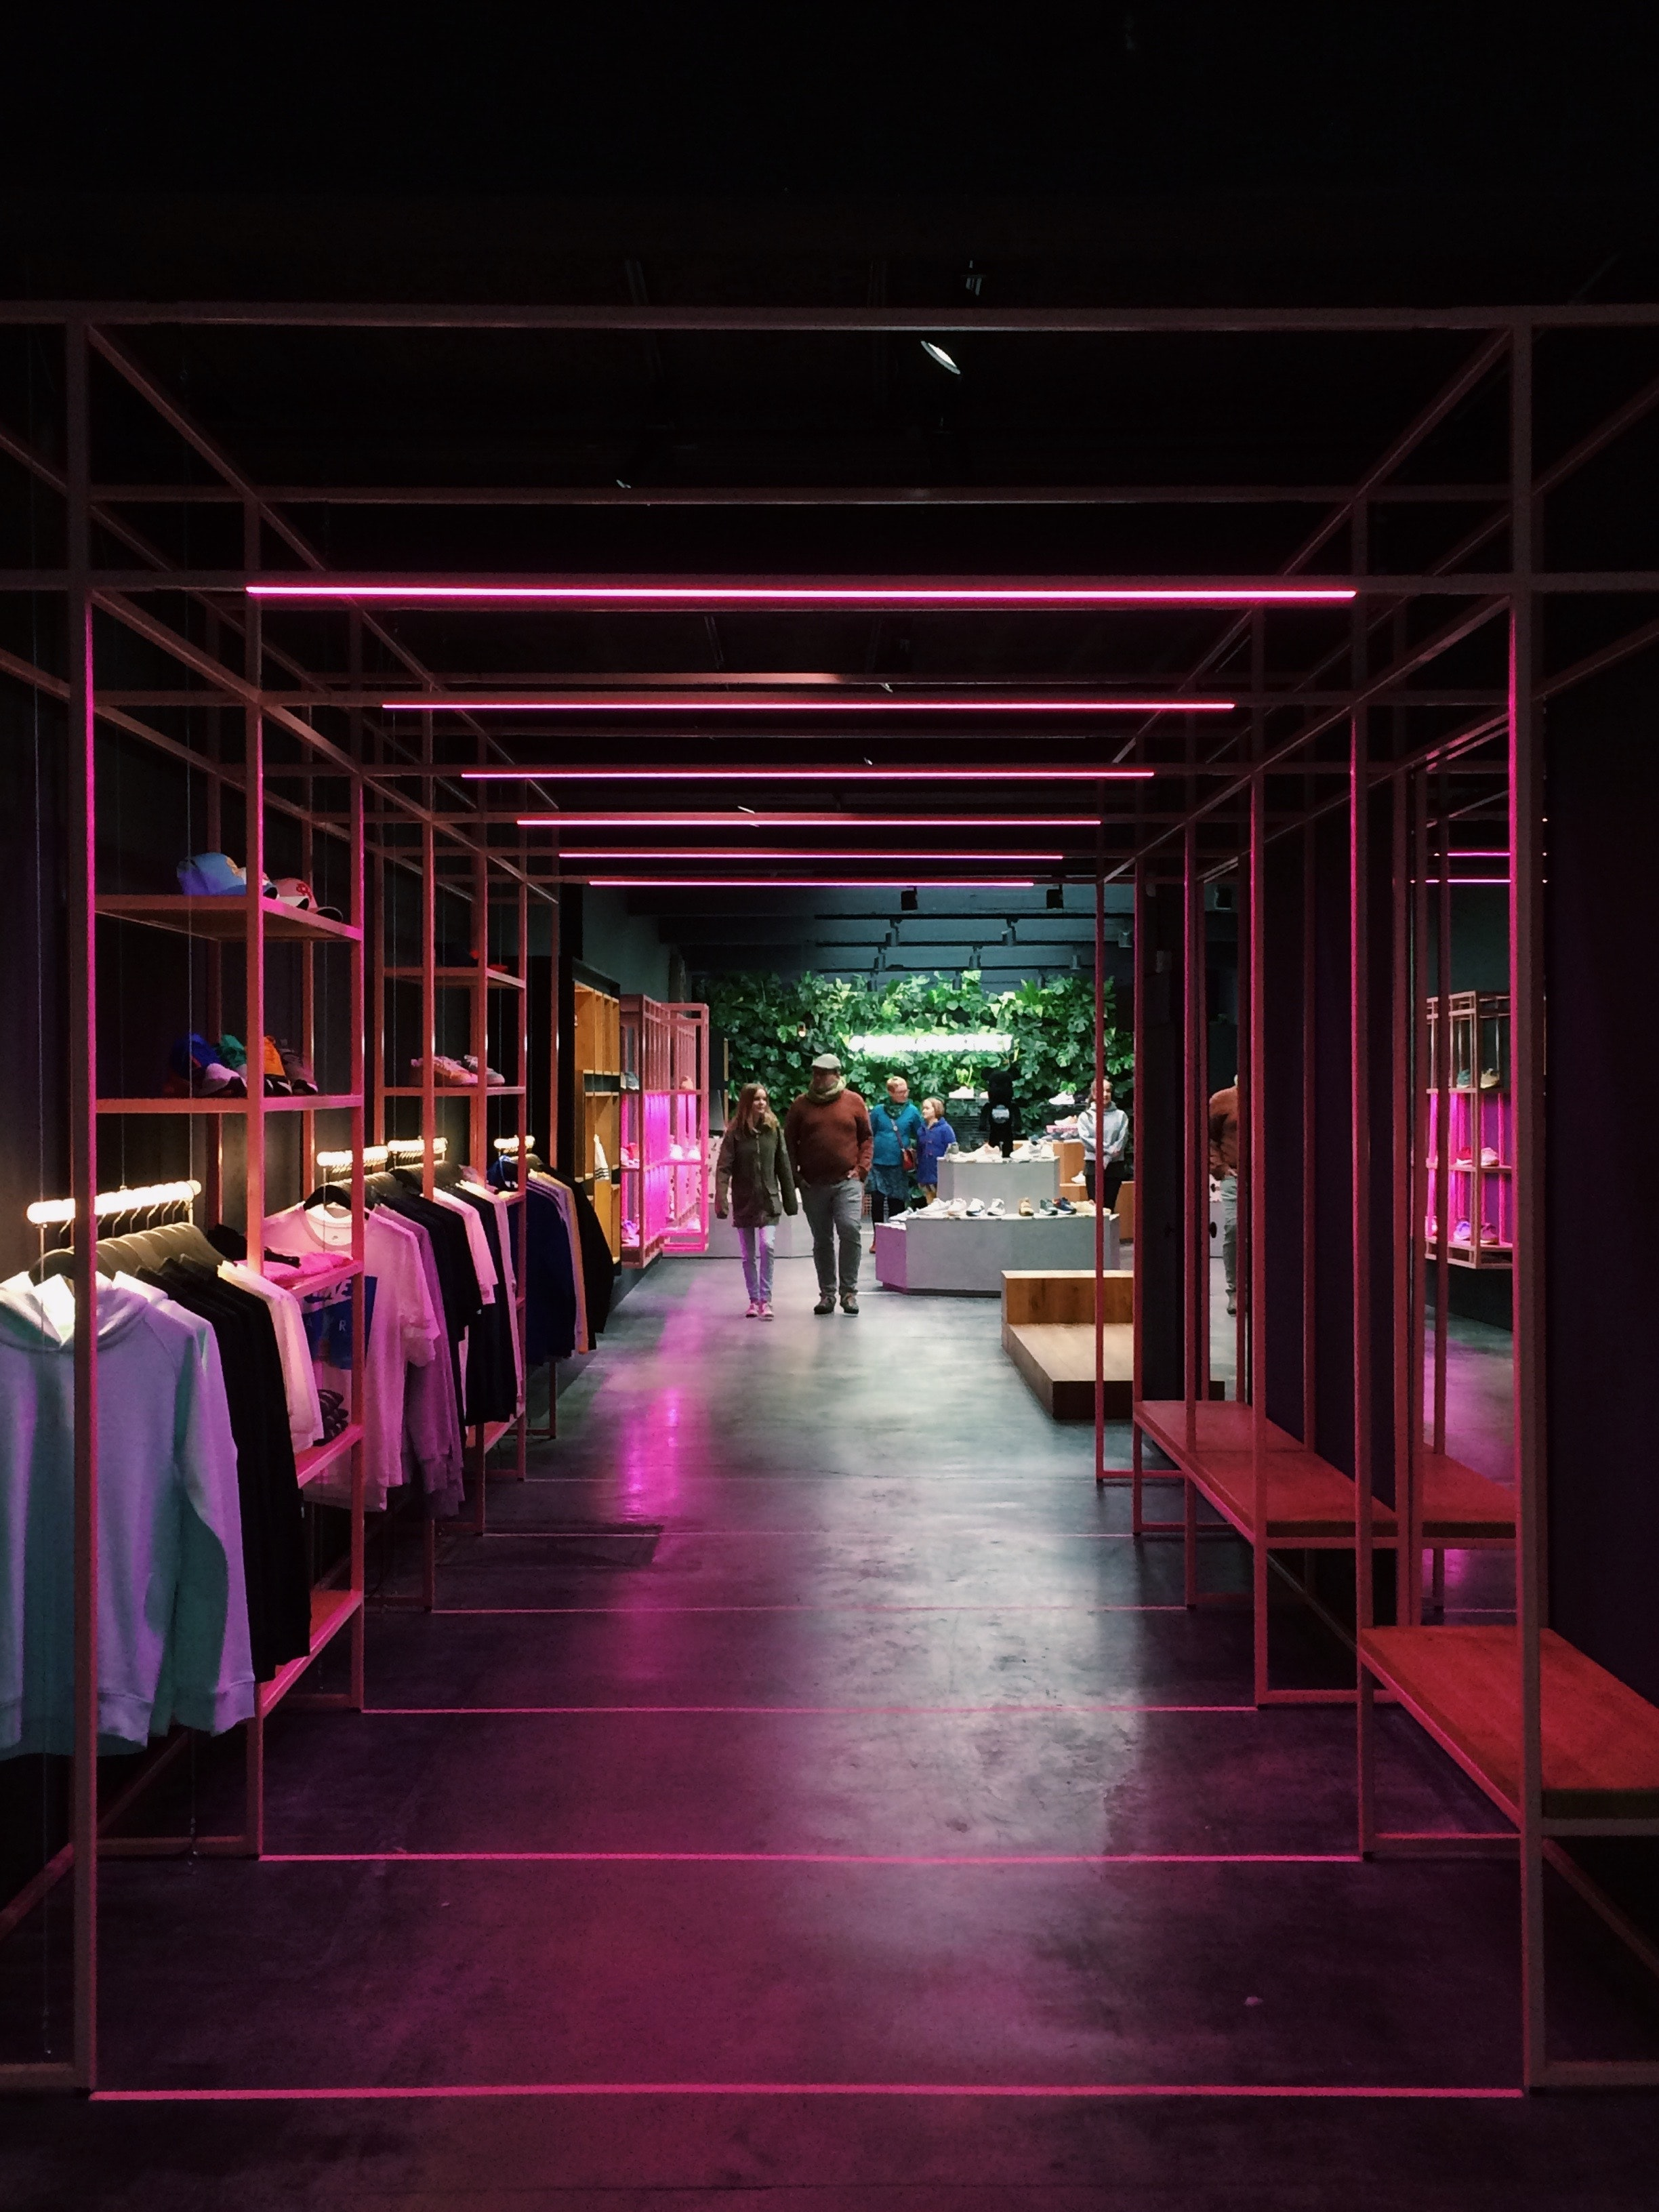 Stylish fashion store illuminated by neon lights